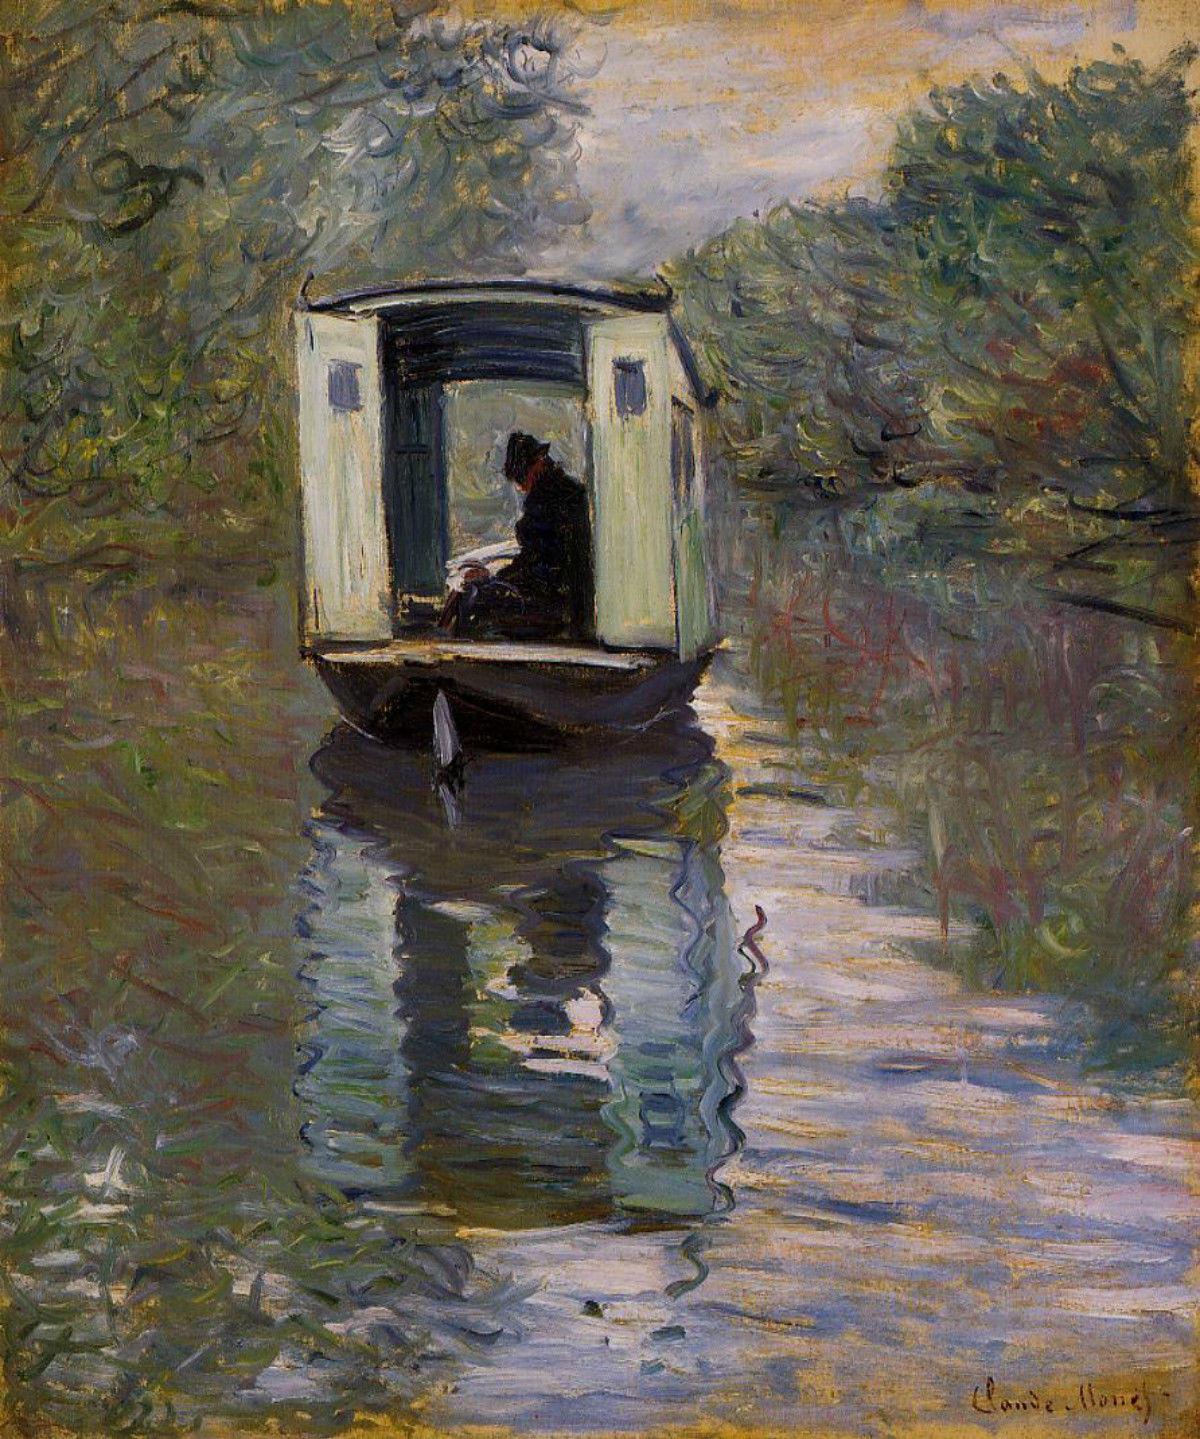 Claude_Monet_Le_bateau_atelier